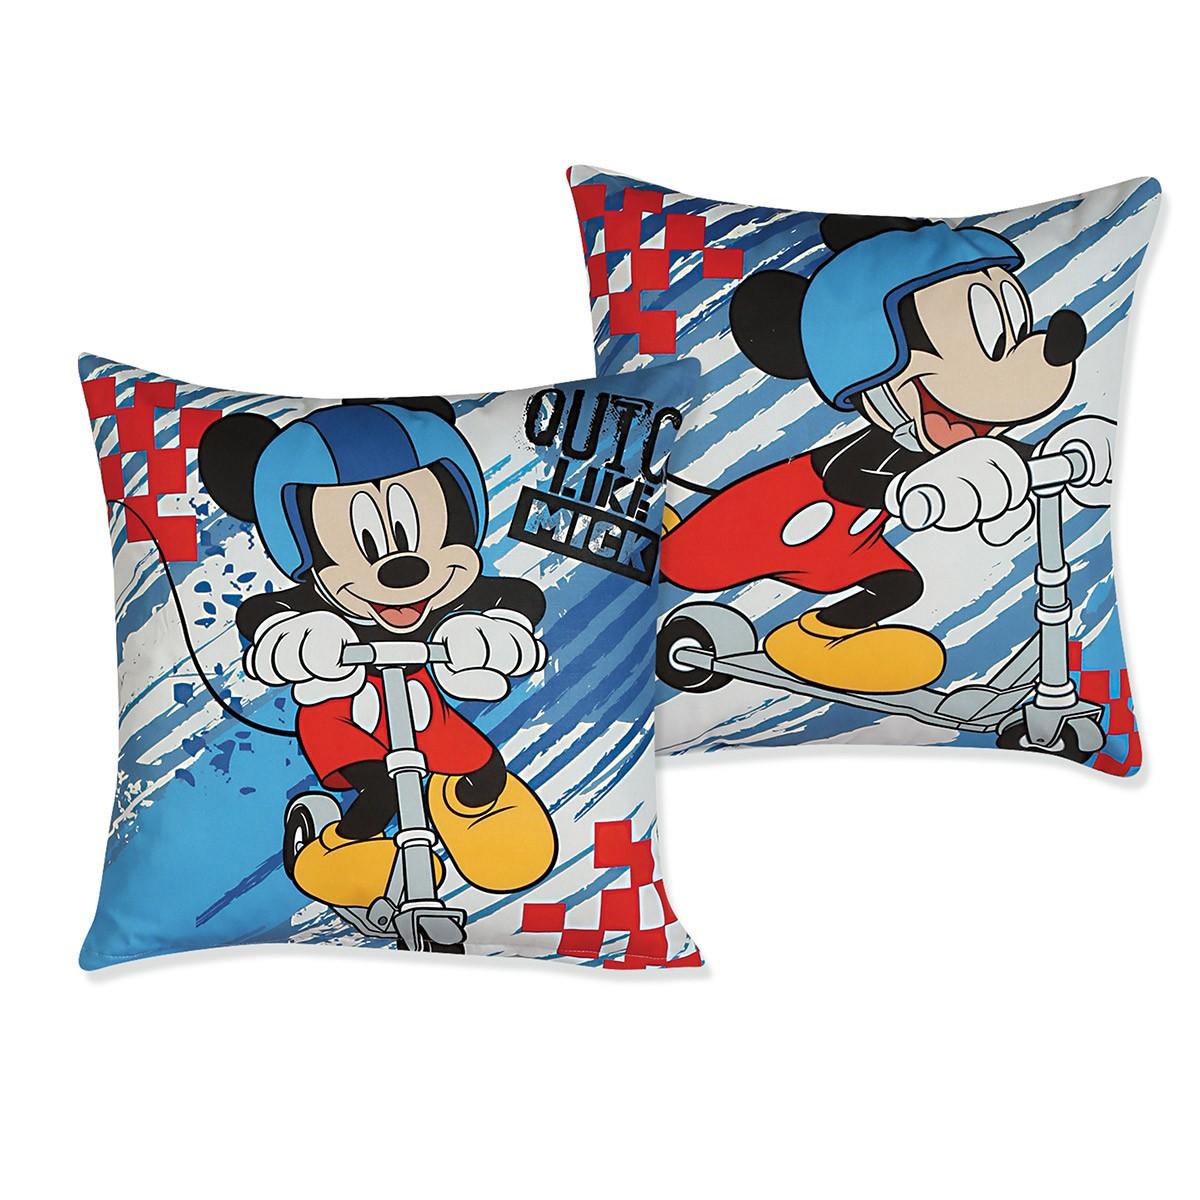 Διακοσμητικό Μαξιλάρι 2 Όψεων Nef-Nef Disney Quick Like Mickey